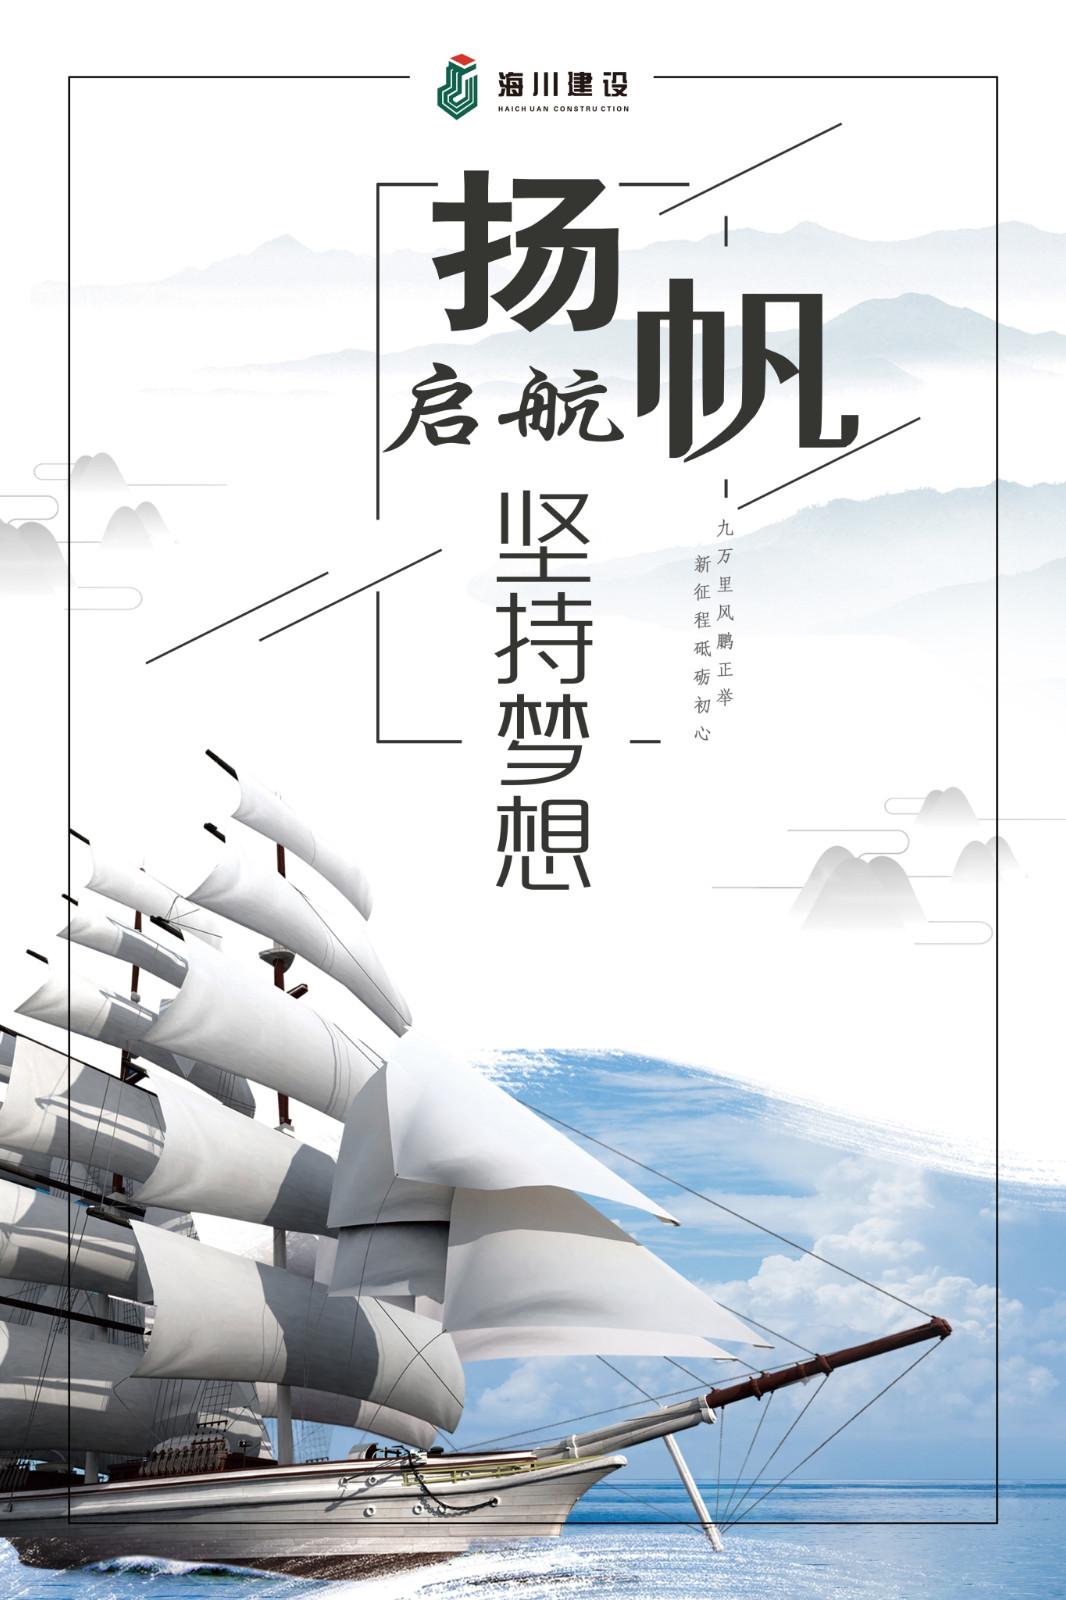 yf_看图王.jpg